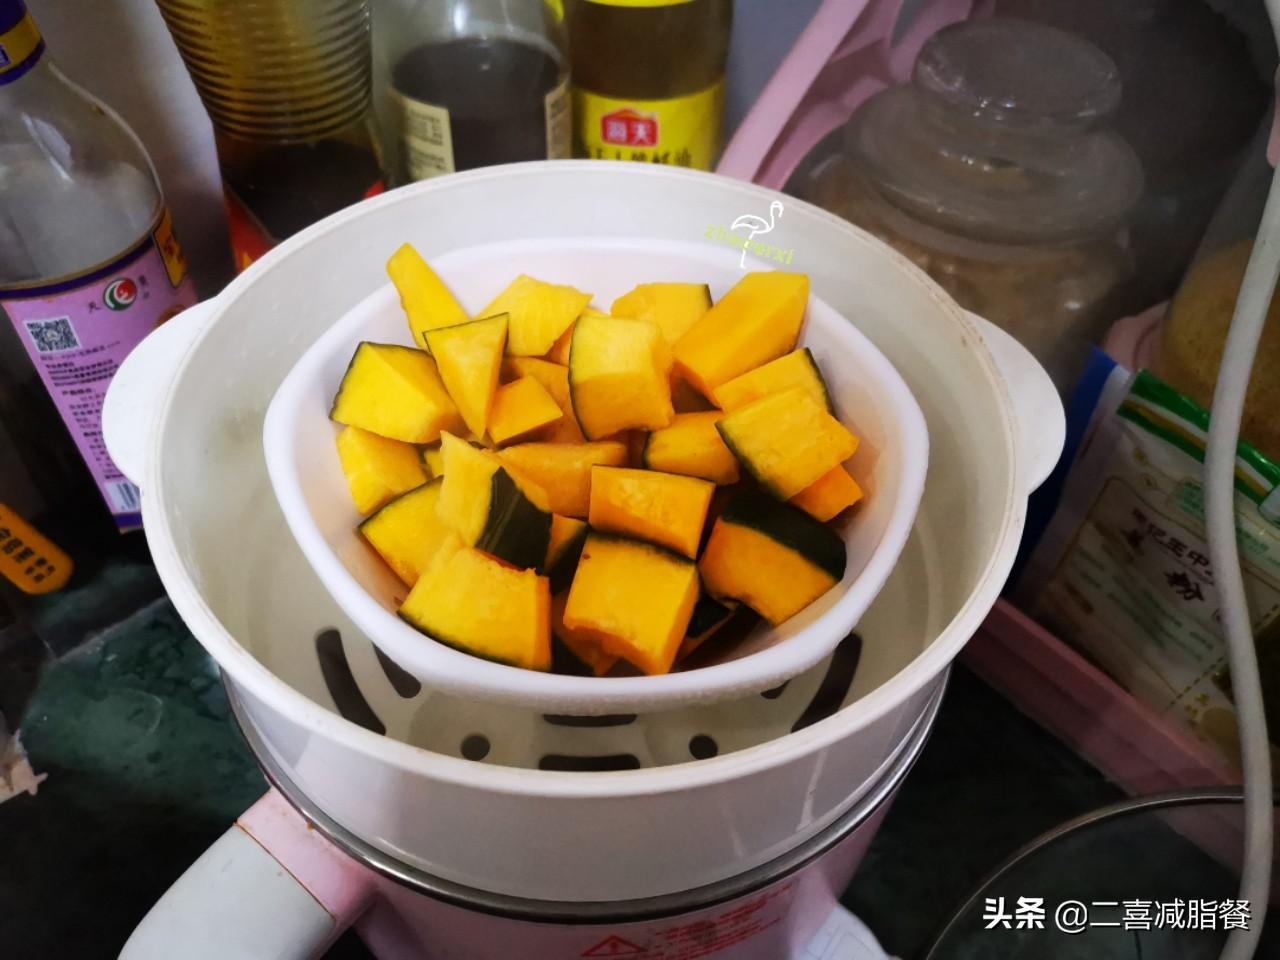 """减脂午餐68:藜麦南瓜饭,被称为""""黄金食物""""的藜麦好在哪里? 减肥菜谱做法 第5张"""